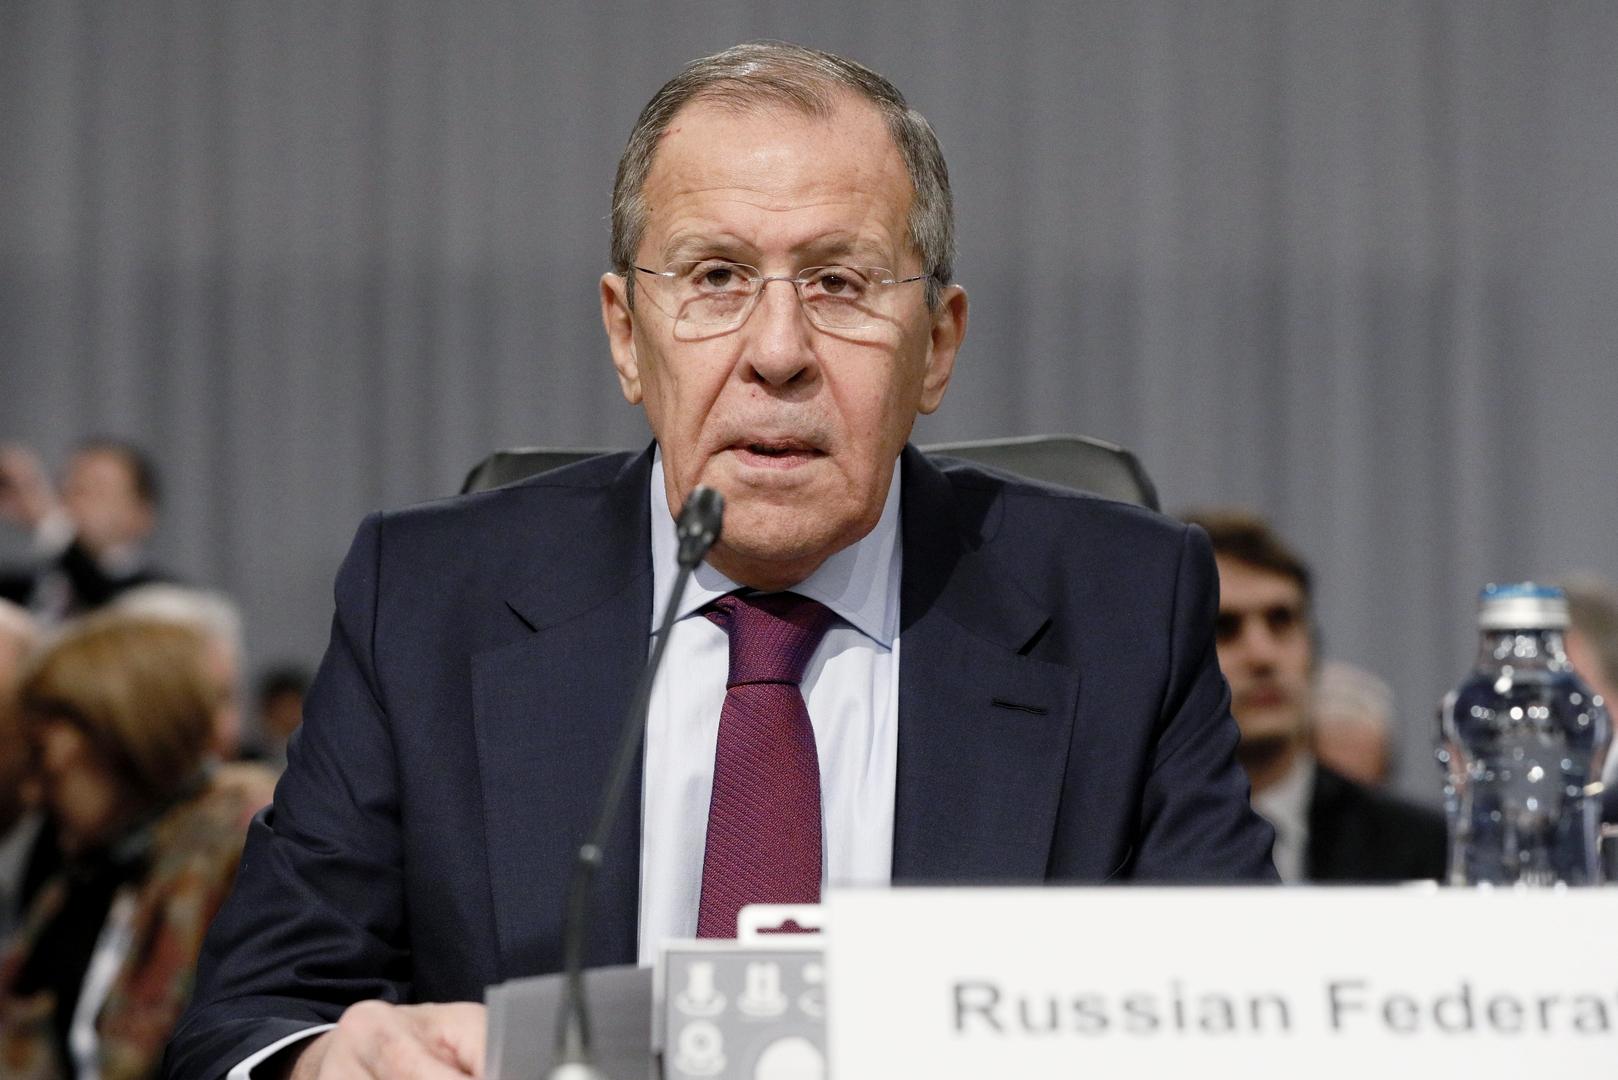 روسيا: الناتو يسعى للهيمنة في الشرق الأوسط ولدينا خيارات للرد على كل التهديدات